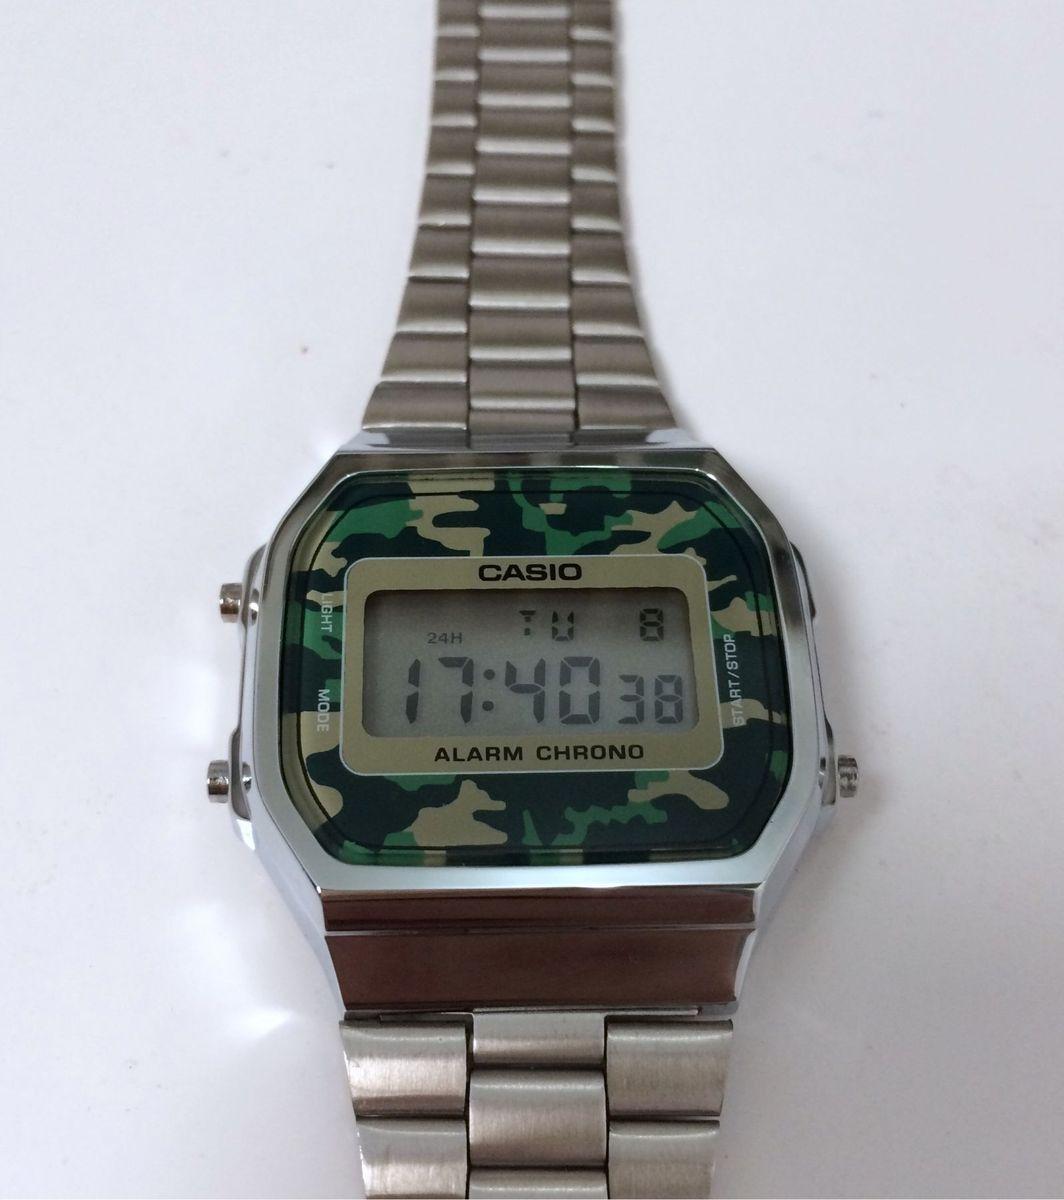 1d1c2d1cbc2 casio a168 prata camuflado - relógios casio.  Czm6ly9wag90b3muzw5qb2vplmnvbs5ici9wcm9kdwn0cy82ody1mdq2lzayymi0ymiymwqxzjm1ntqxytfingizogm3ztfhmwuylmpwzw  ...